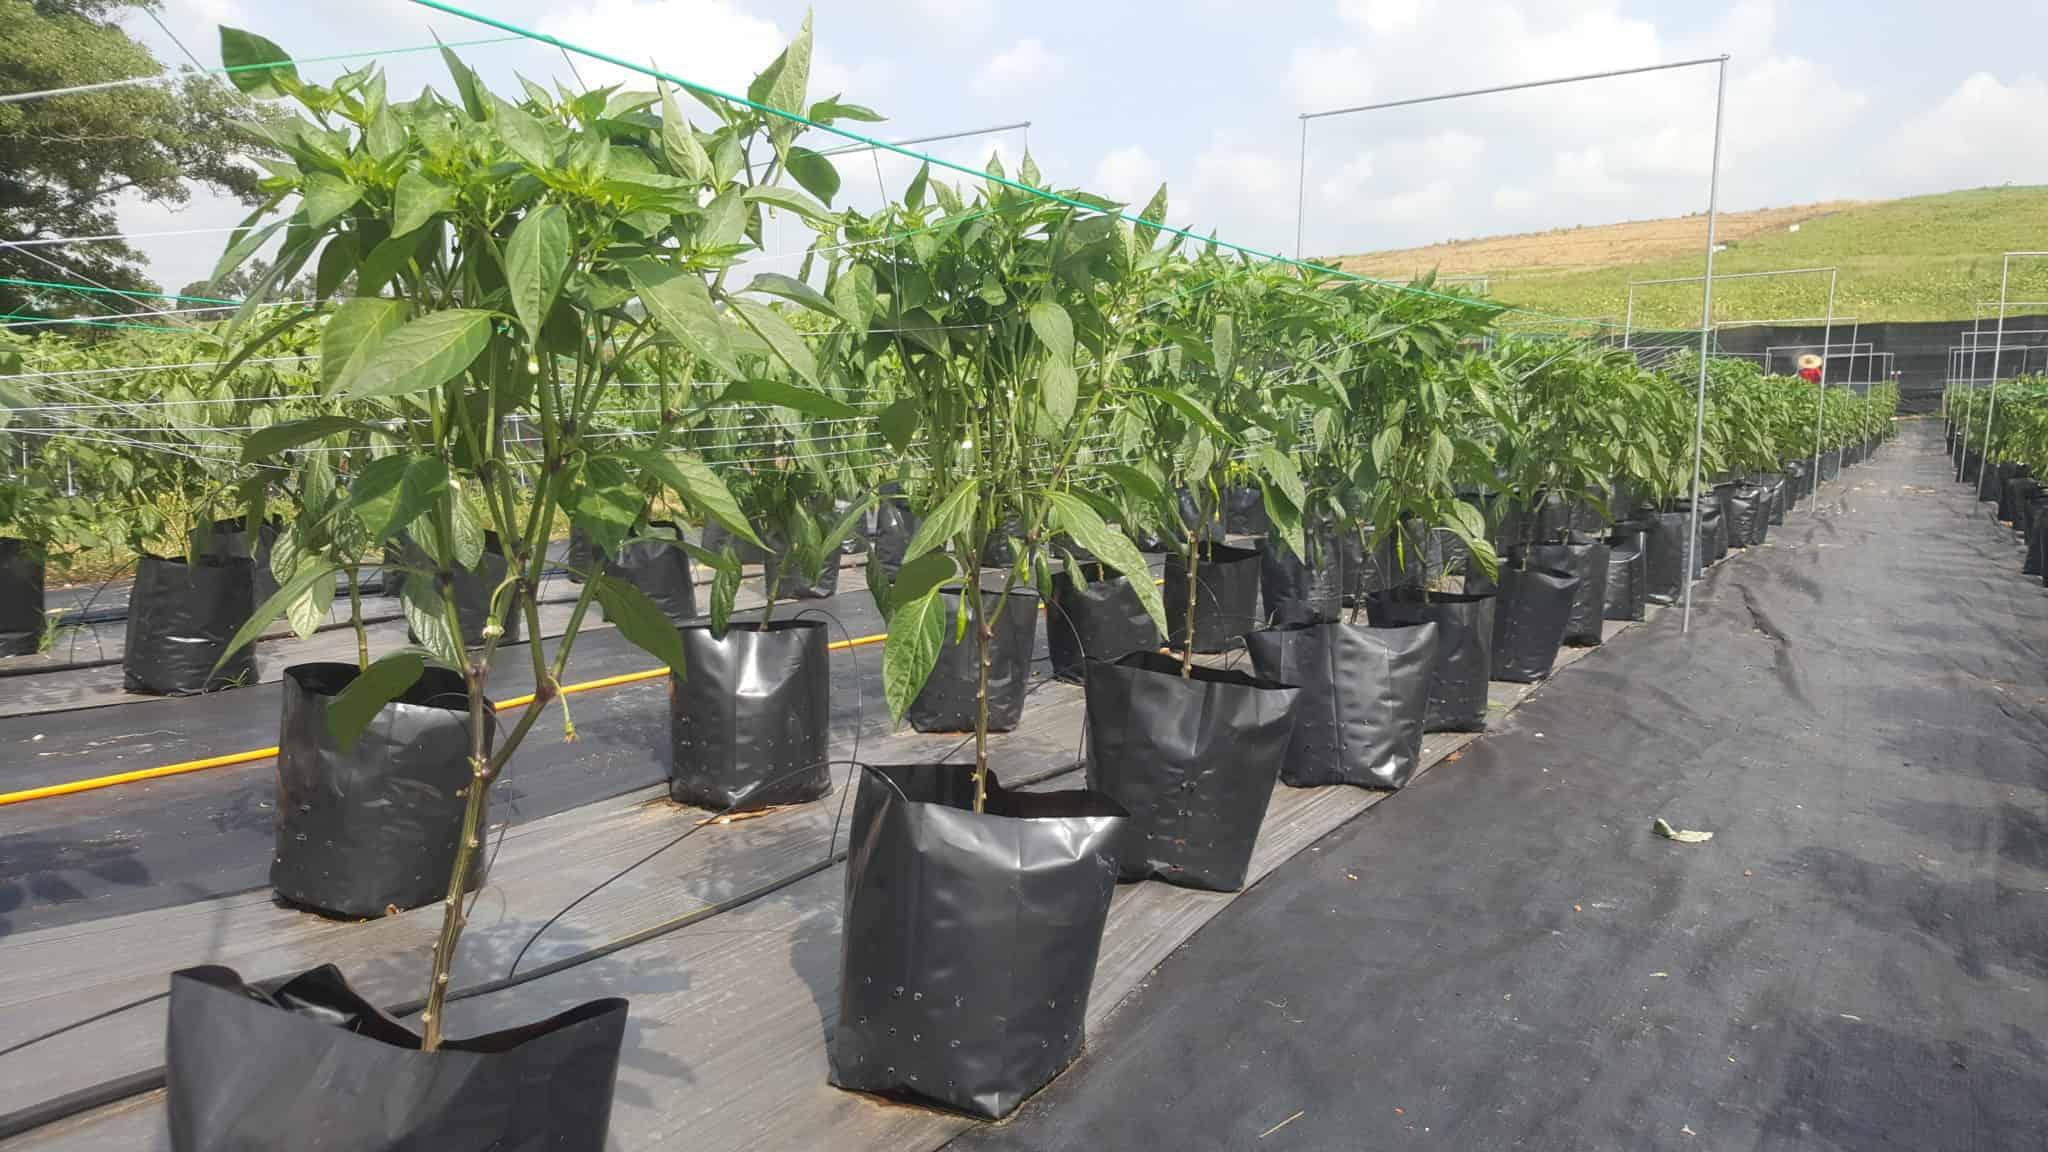 Jaring Timun Pokok Cilibangi